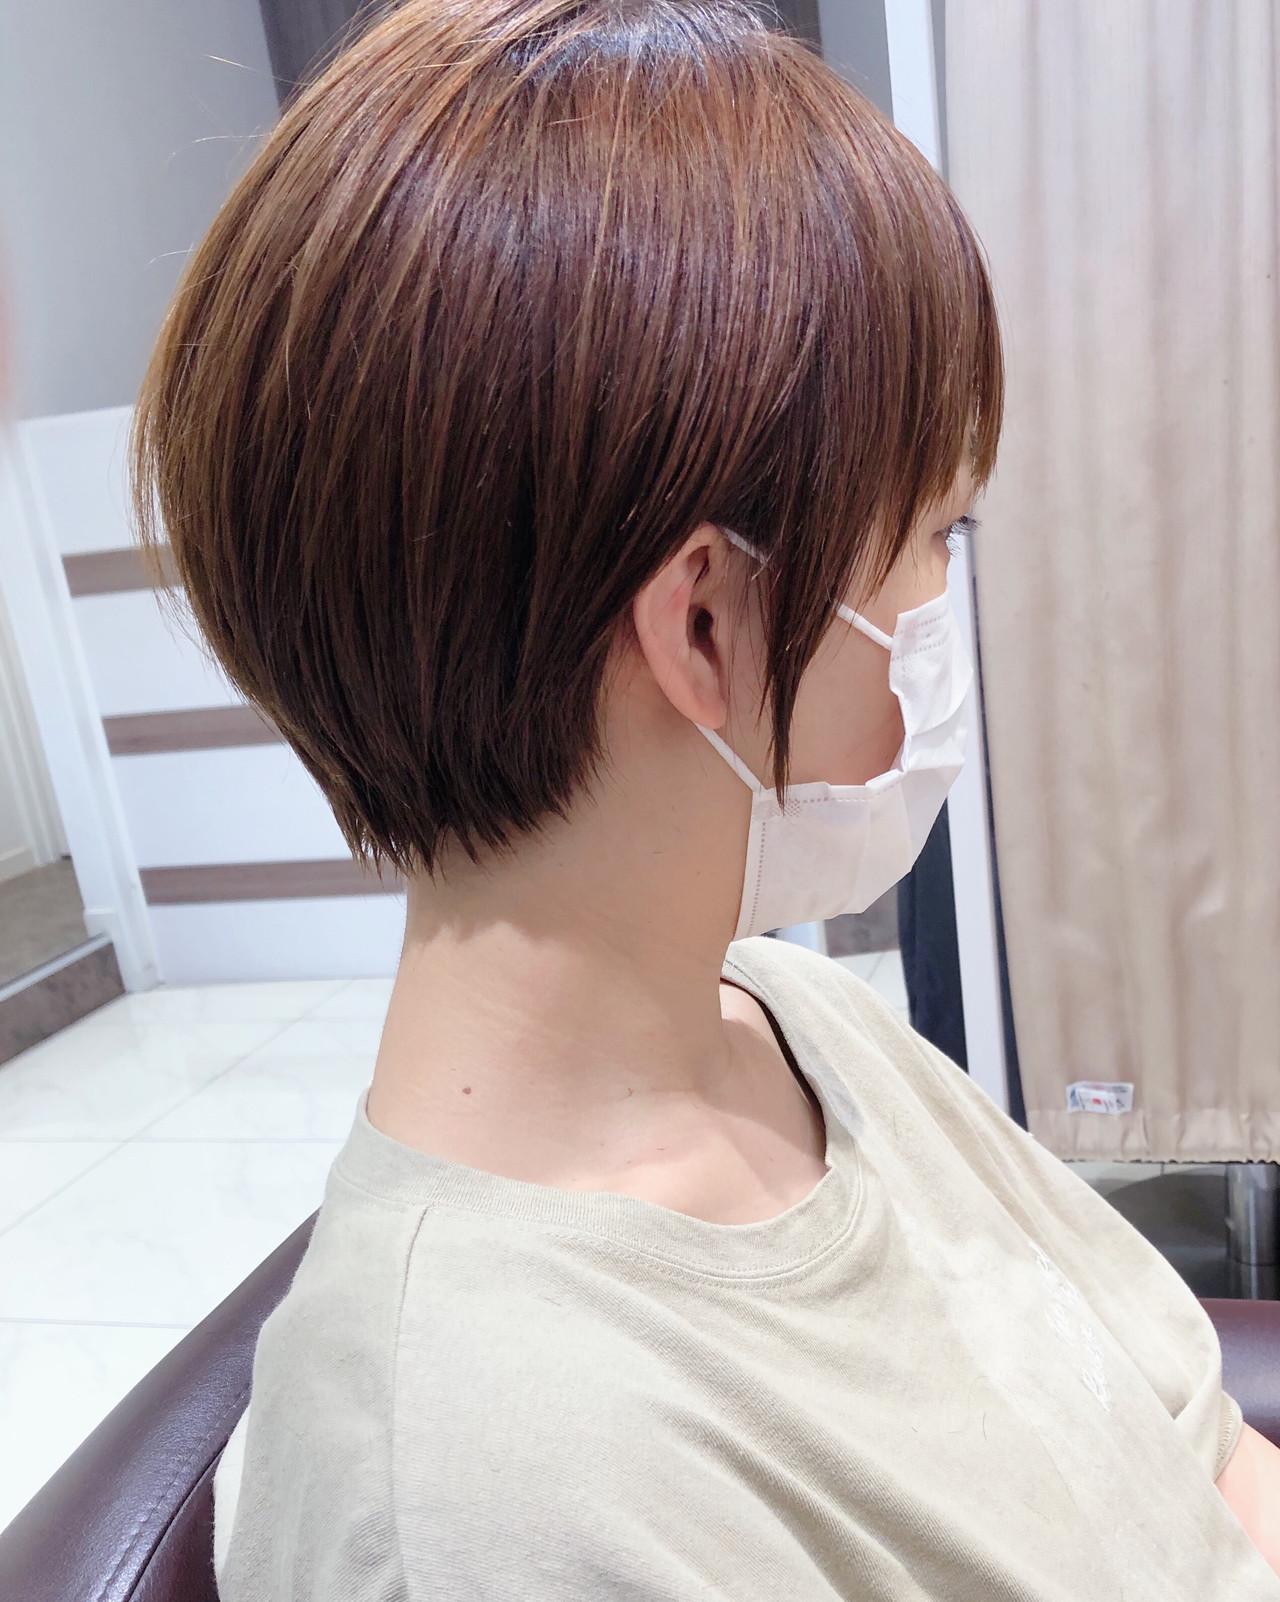 ナチュラル ミニボブ ショートボブ ショートヘア ヘアスタイルや髪型の写真・画像 | 木村 直継 / Ash 東戸塚